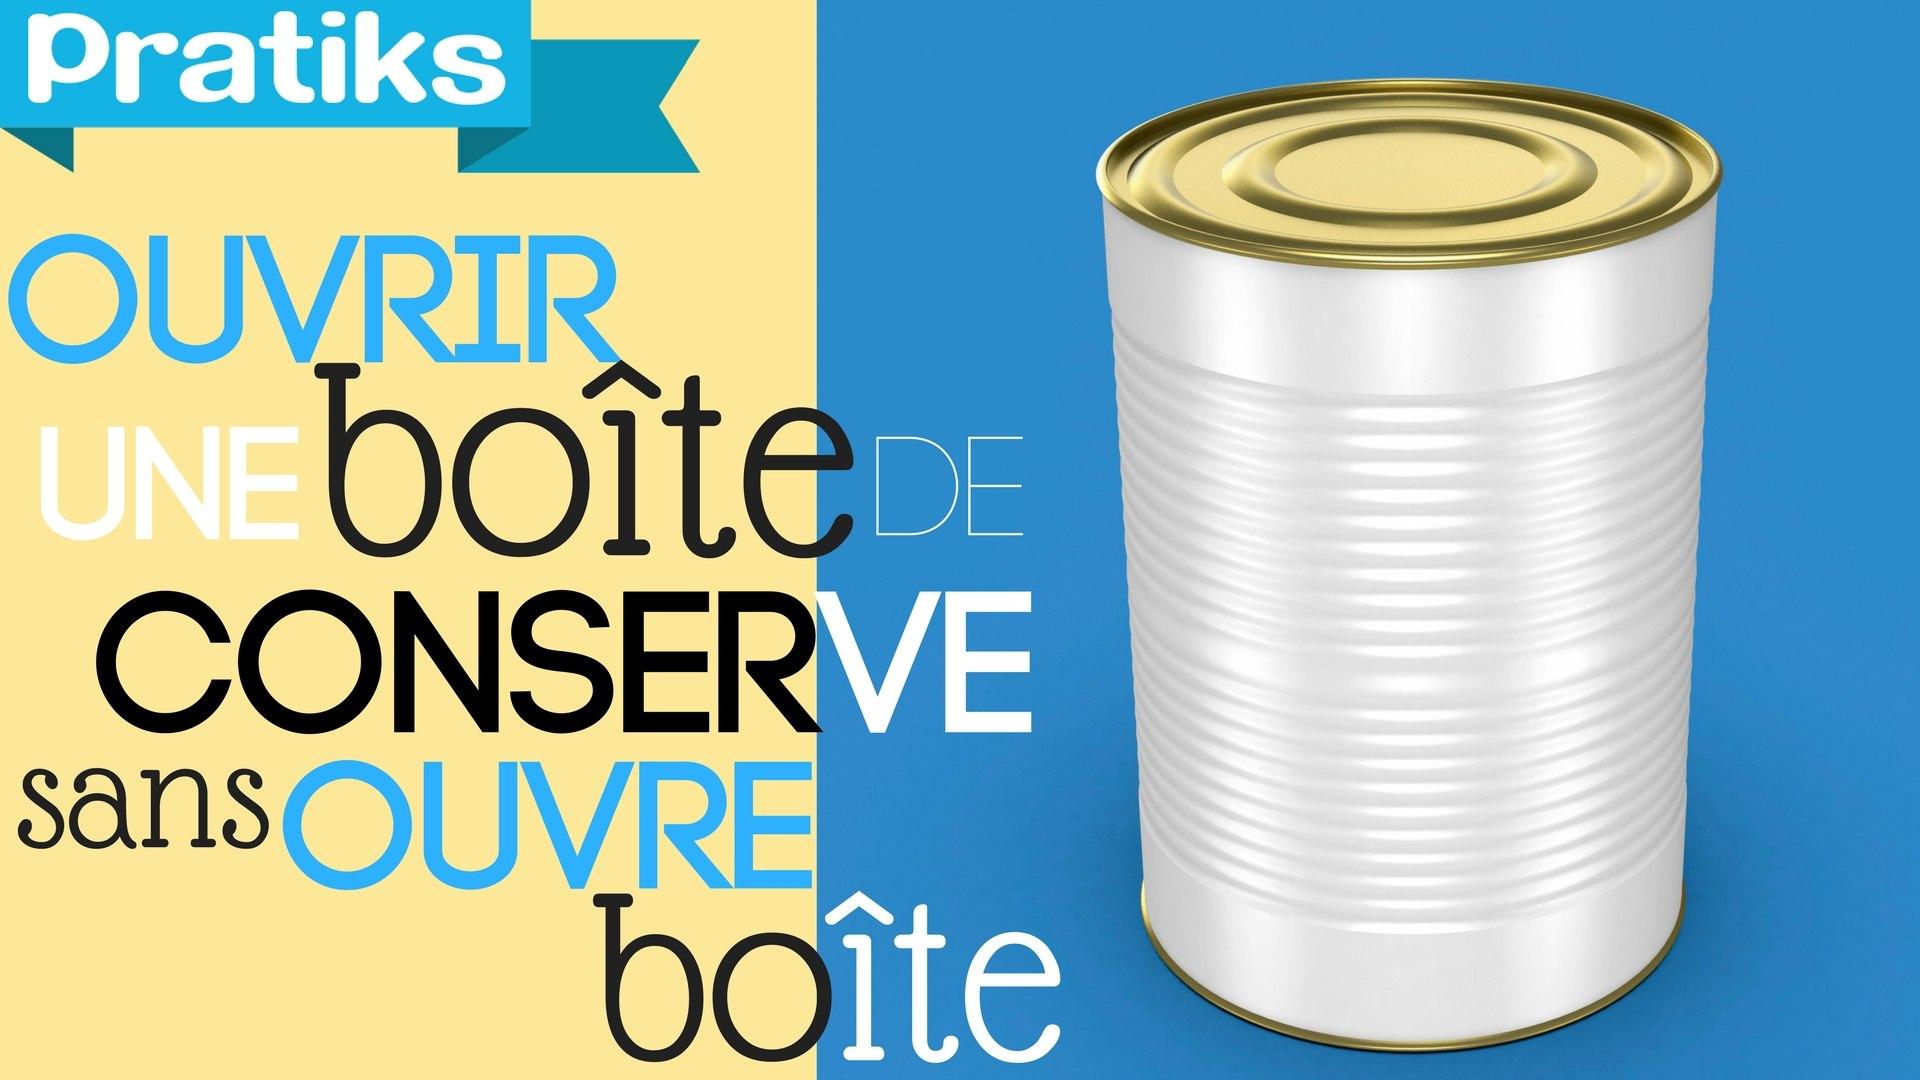 Comment Décorer Des Boites De Conserve ouvrir une boîte de conserve sans ouvre-boîte - super astuce.